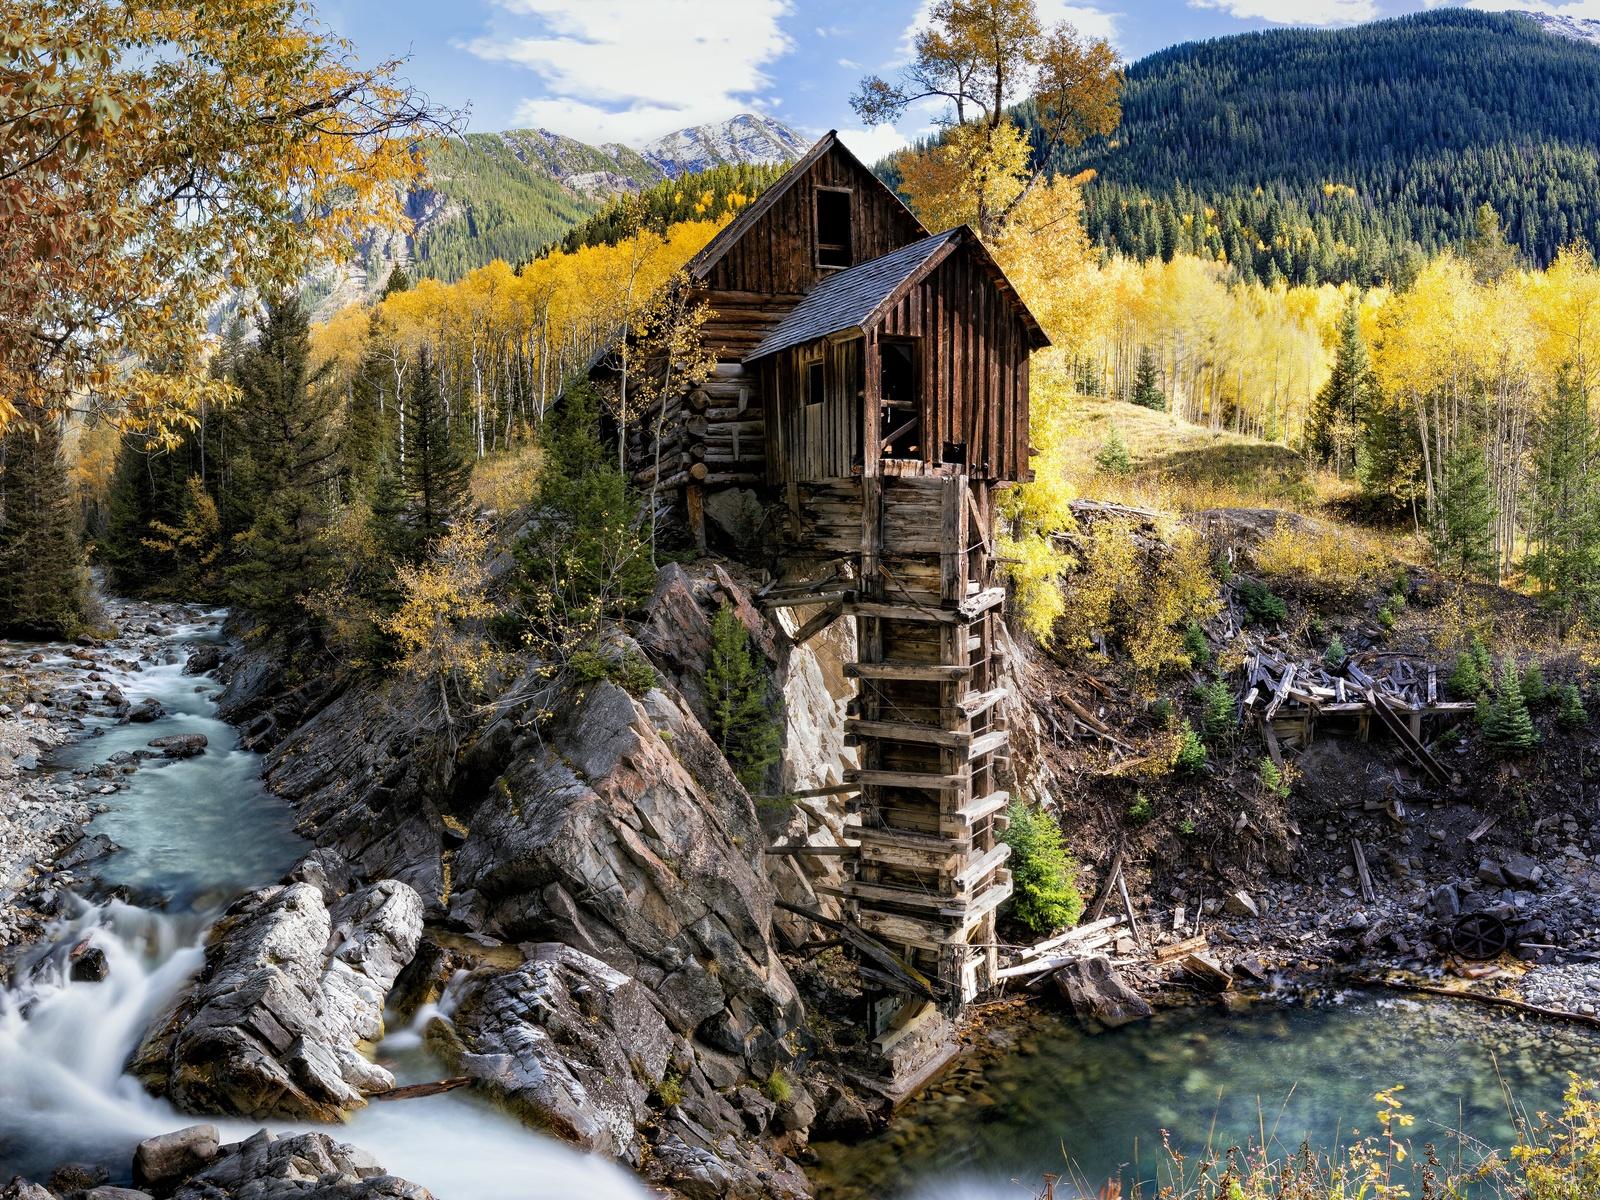 горы, лес, речка, избушка